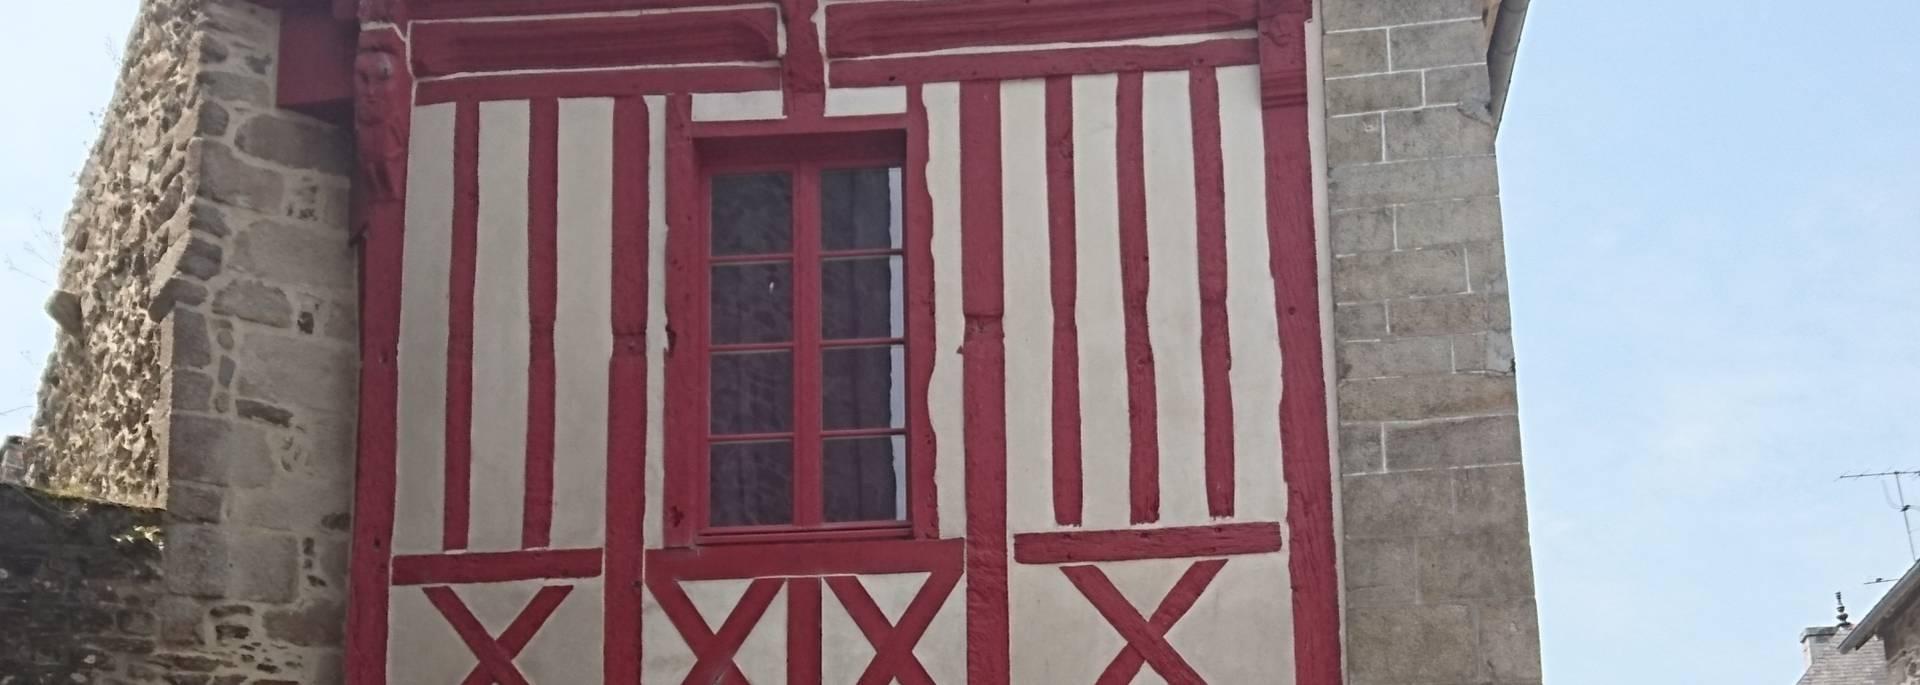 Maison de la Tête Noire Jugon-les-Lacs